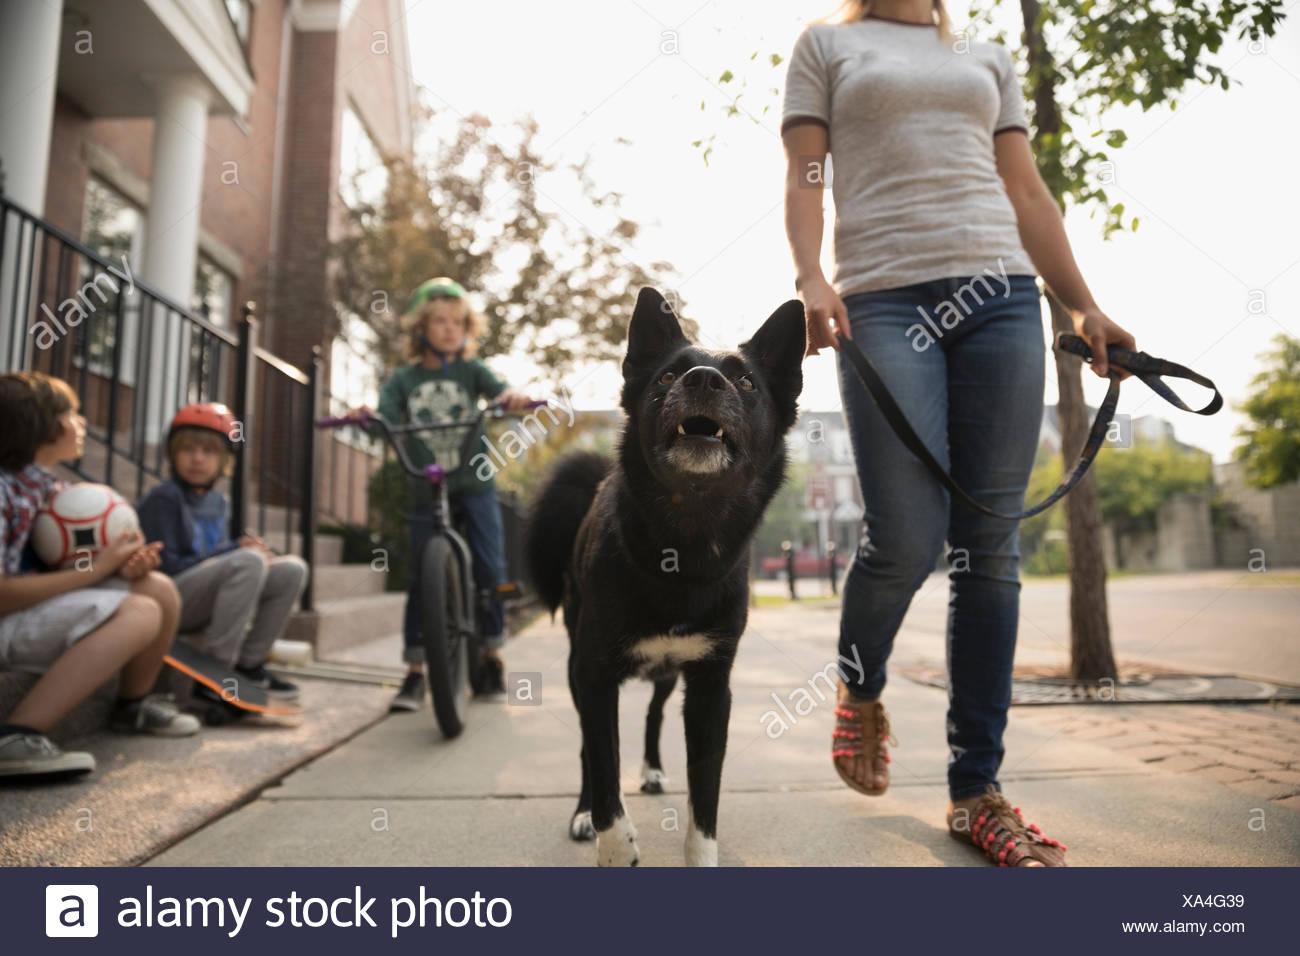 Donna che cammina cane al guinzaglio passato i ragazzi sul marciapiede Immagini Stock